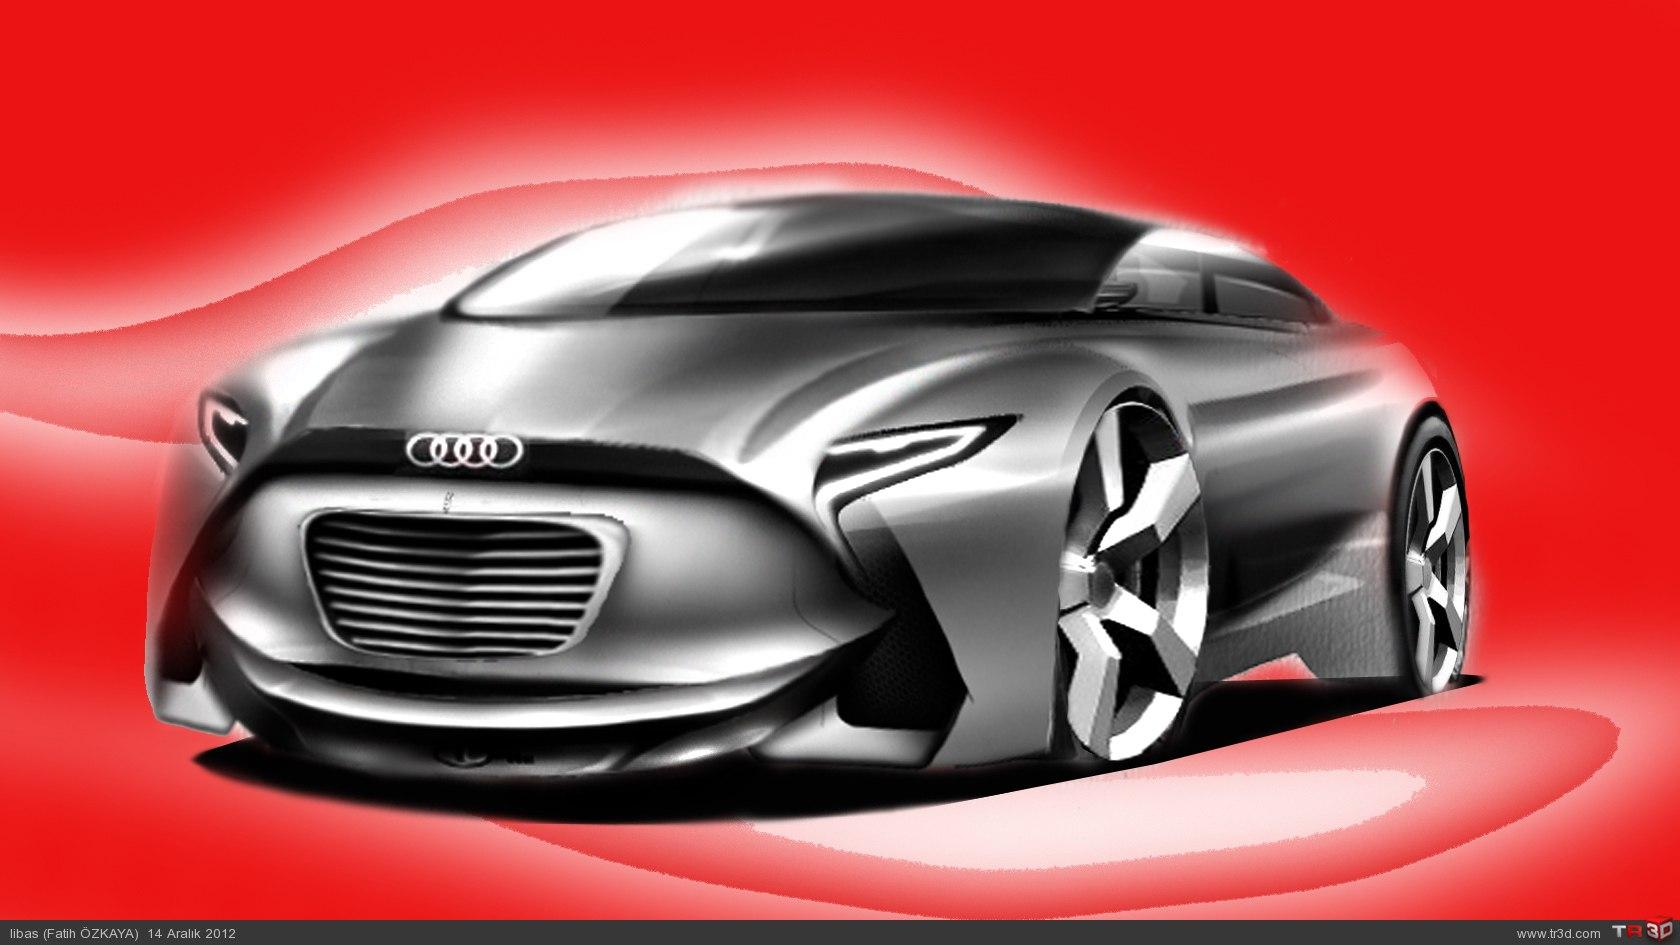 Otomobil tasarımım